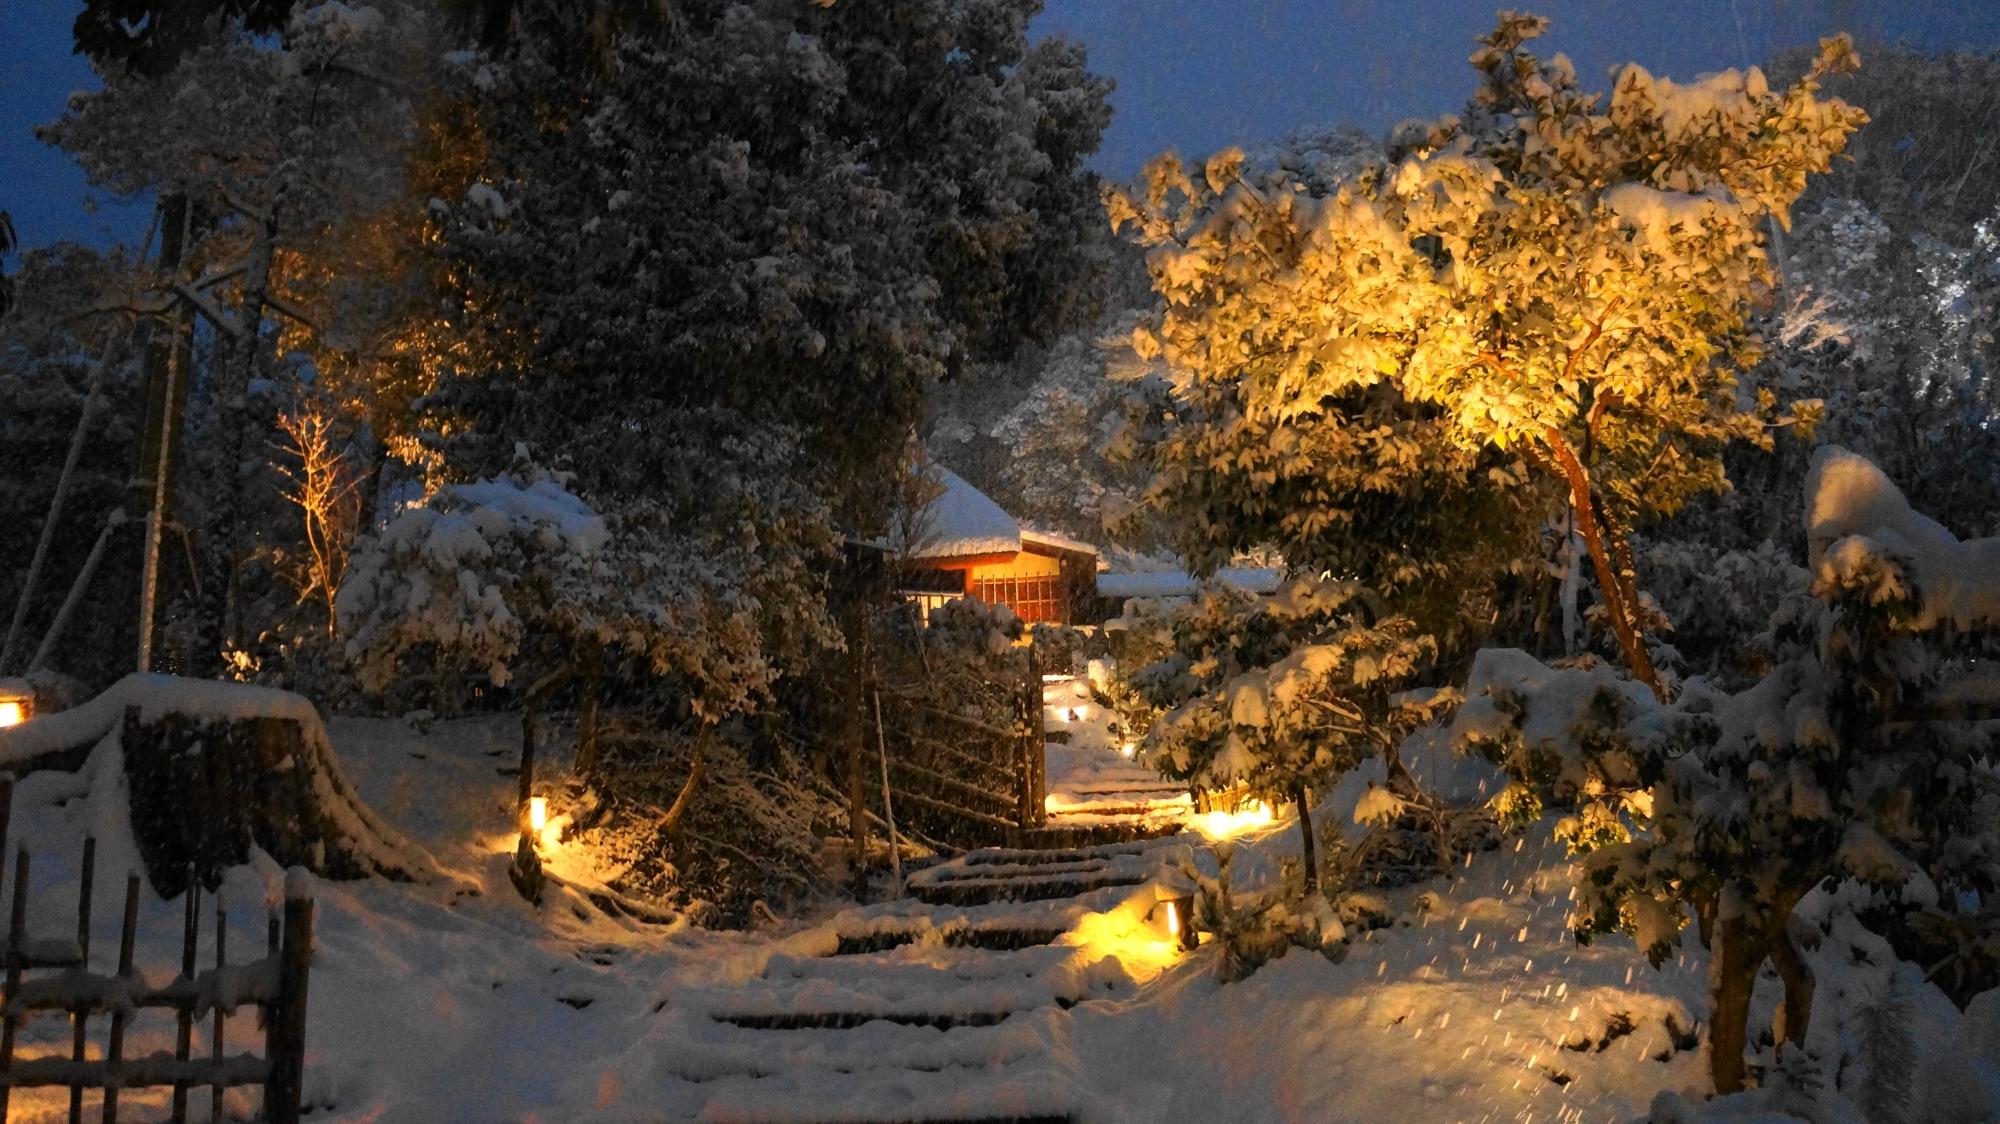 高台寺の白い趣きのある雪の参道